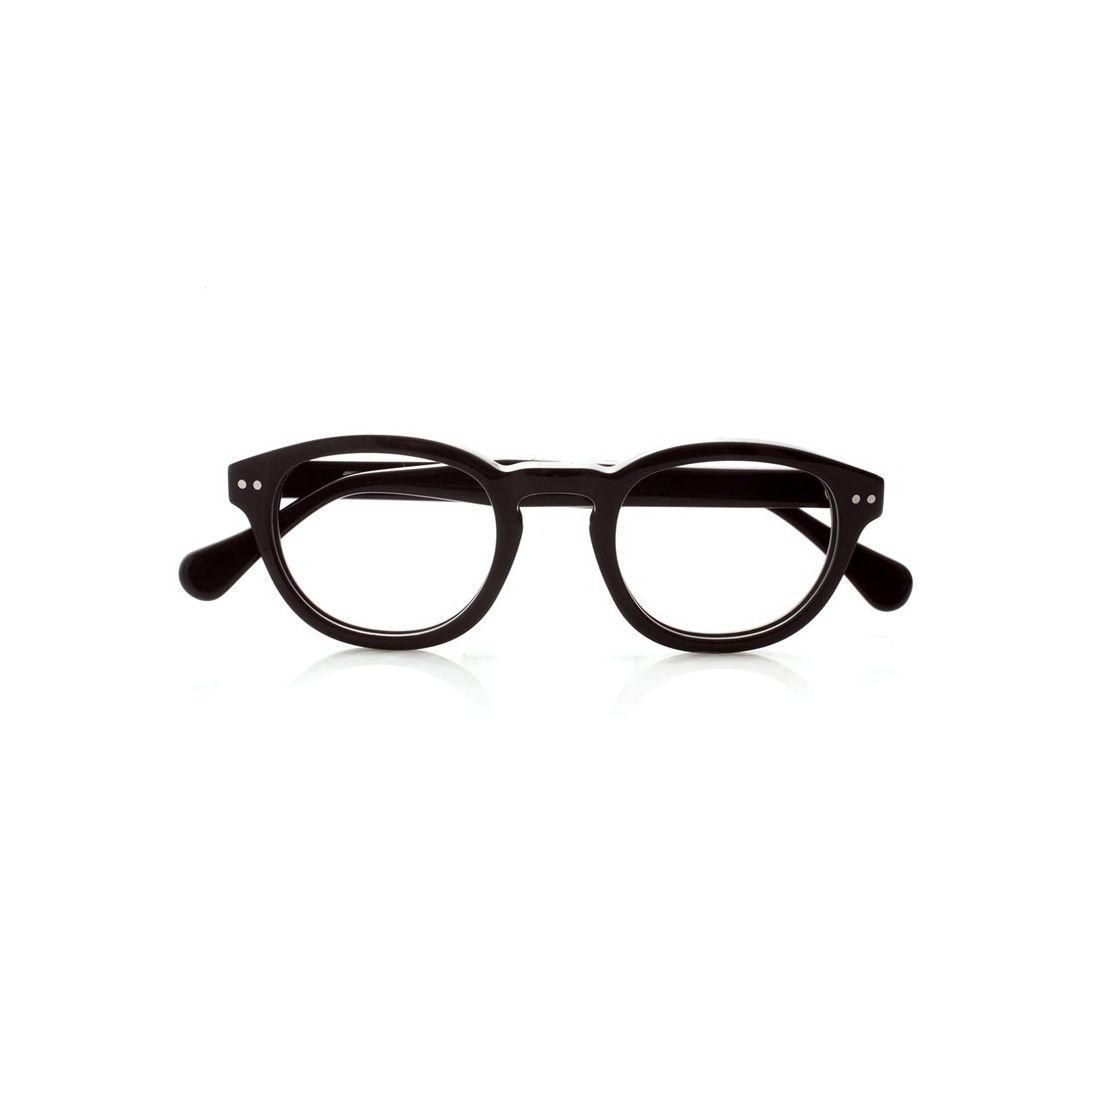 diversamente fornire un'ampia selezione di acquista per il meglio Montatura in acetato per occhiali da vista da donna e da uomo